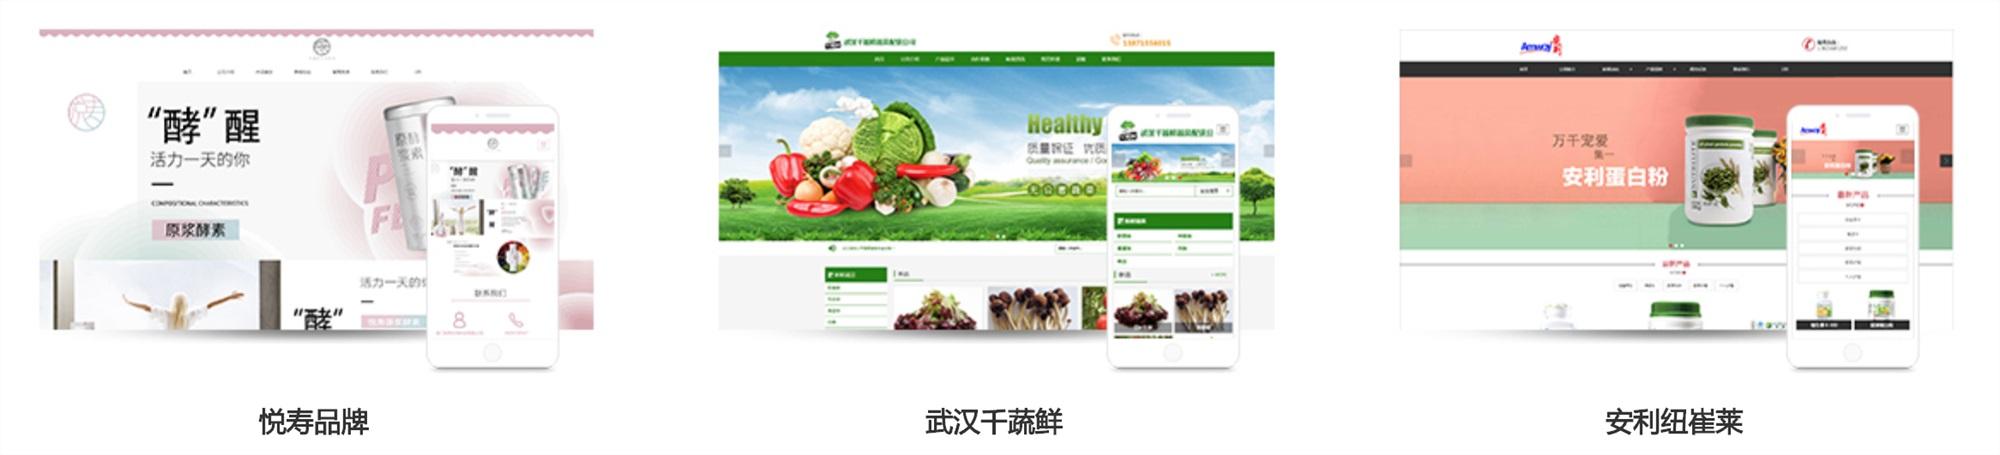 品牌网站建设平台-物流网站建设平台-保险网站建设平台